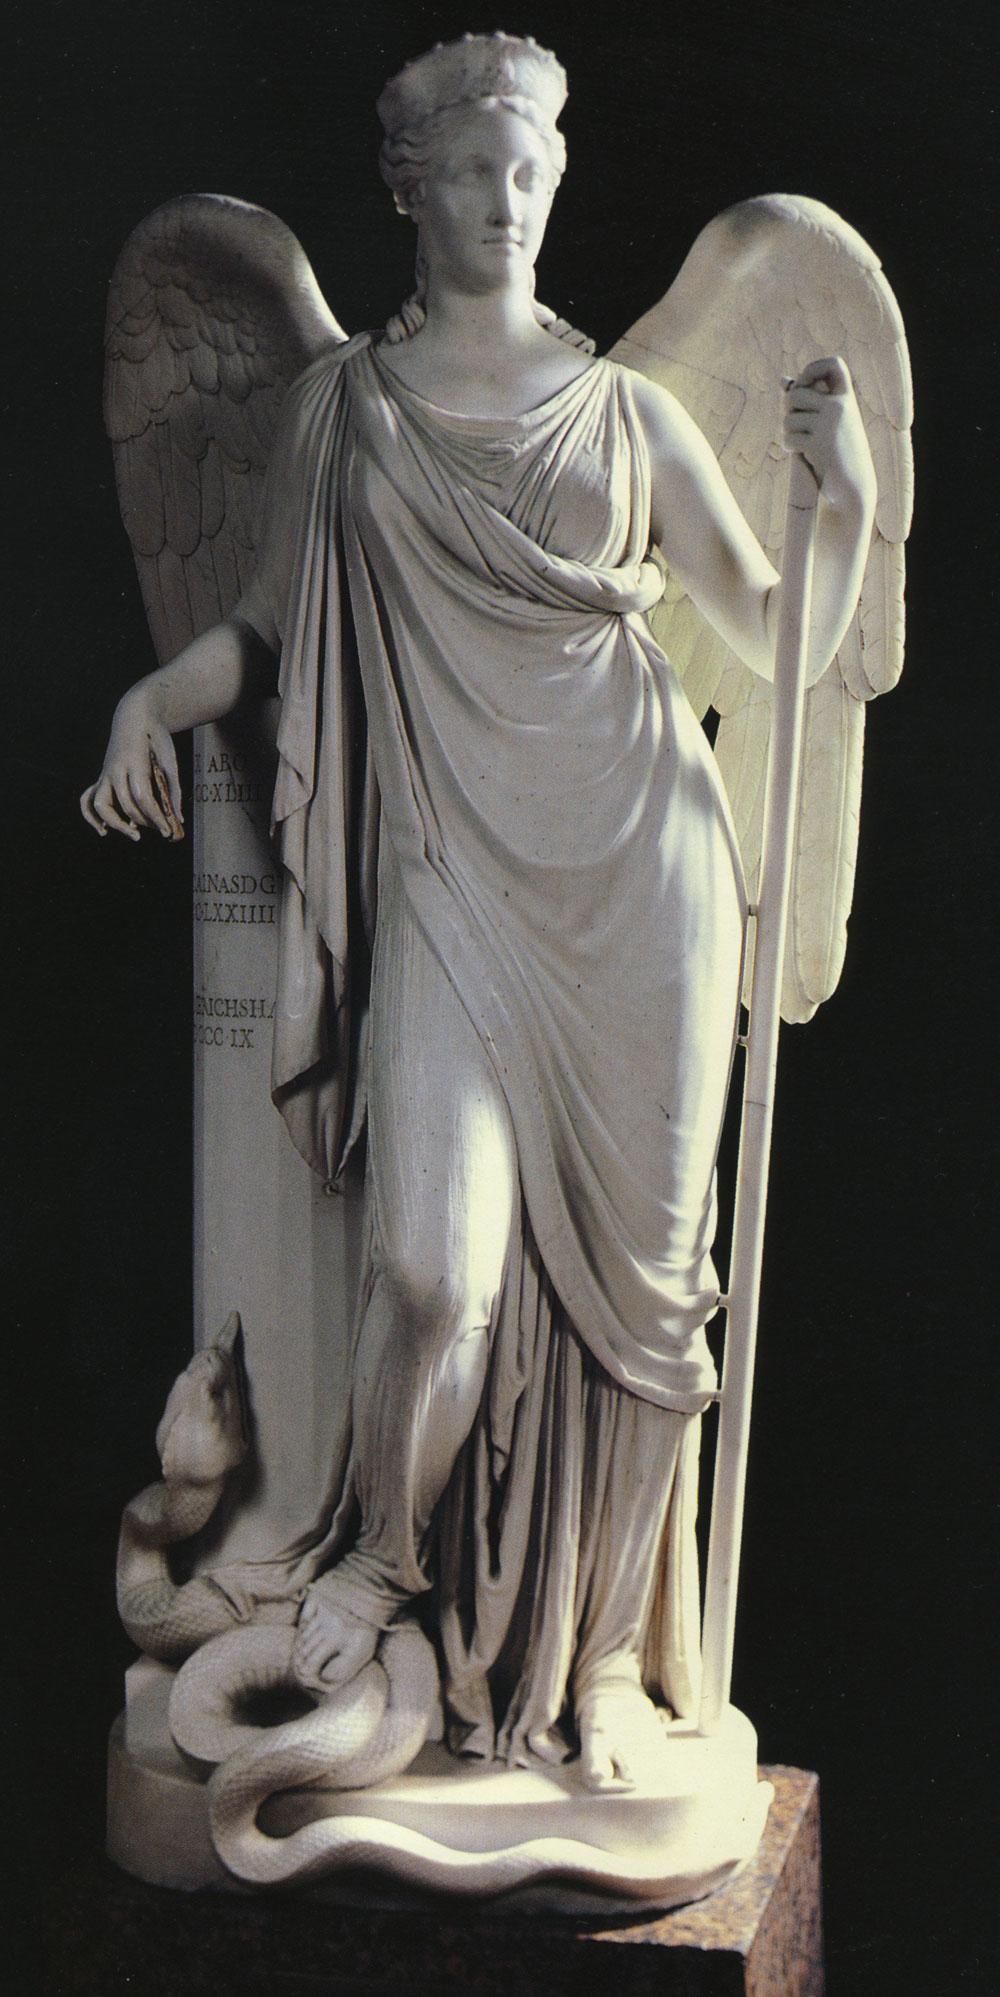 Alla mostra Canova e l'antico anche la Pace del Museo di Kiev